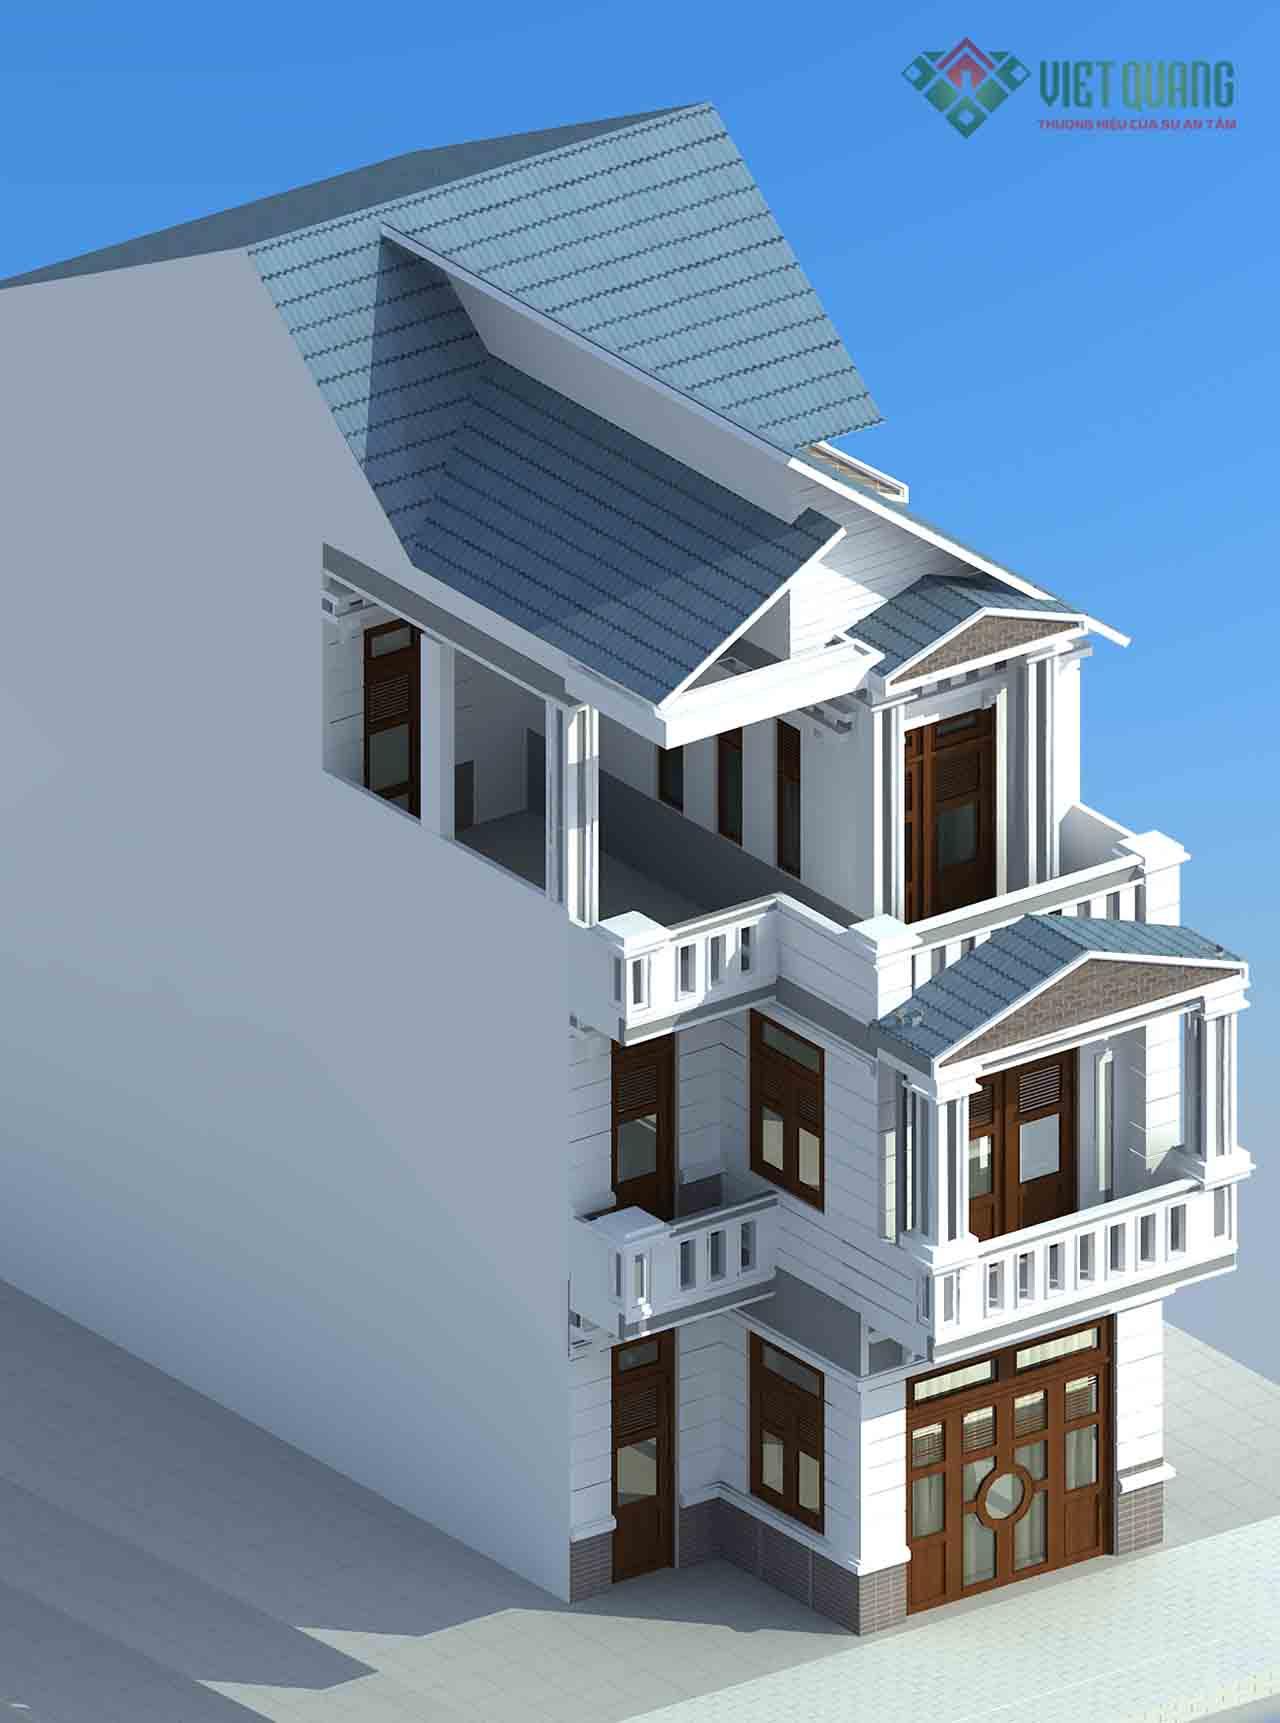 Mẫu nhà phố 3 tầng mái thái vừa bảo đảm thẩm mỹ vừa chống nóng hiệu quả.